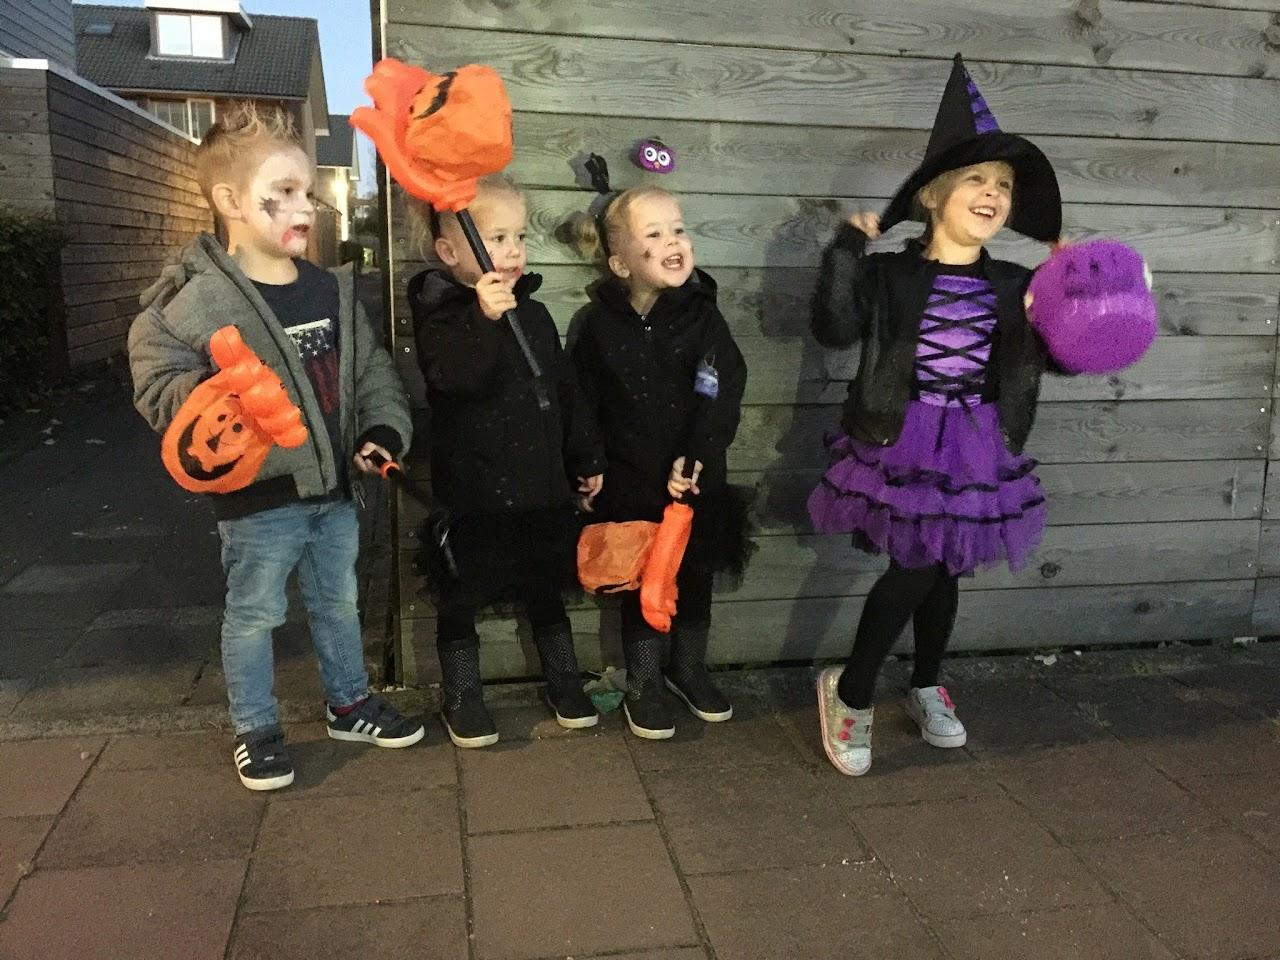 Halloween_VrijheidsAkker_Foto_door_Erica_01.jpg